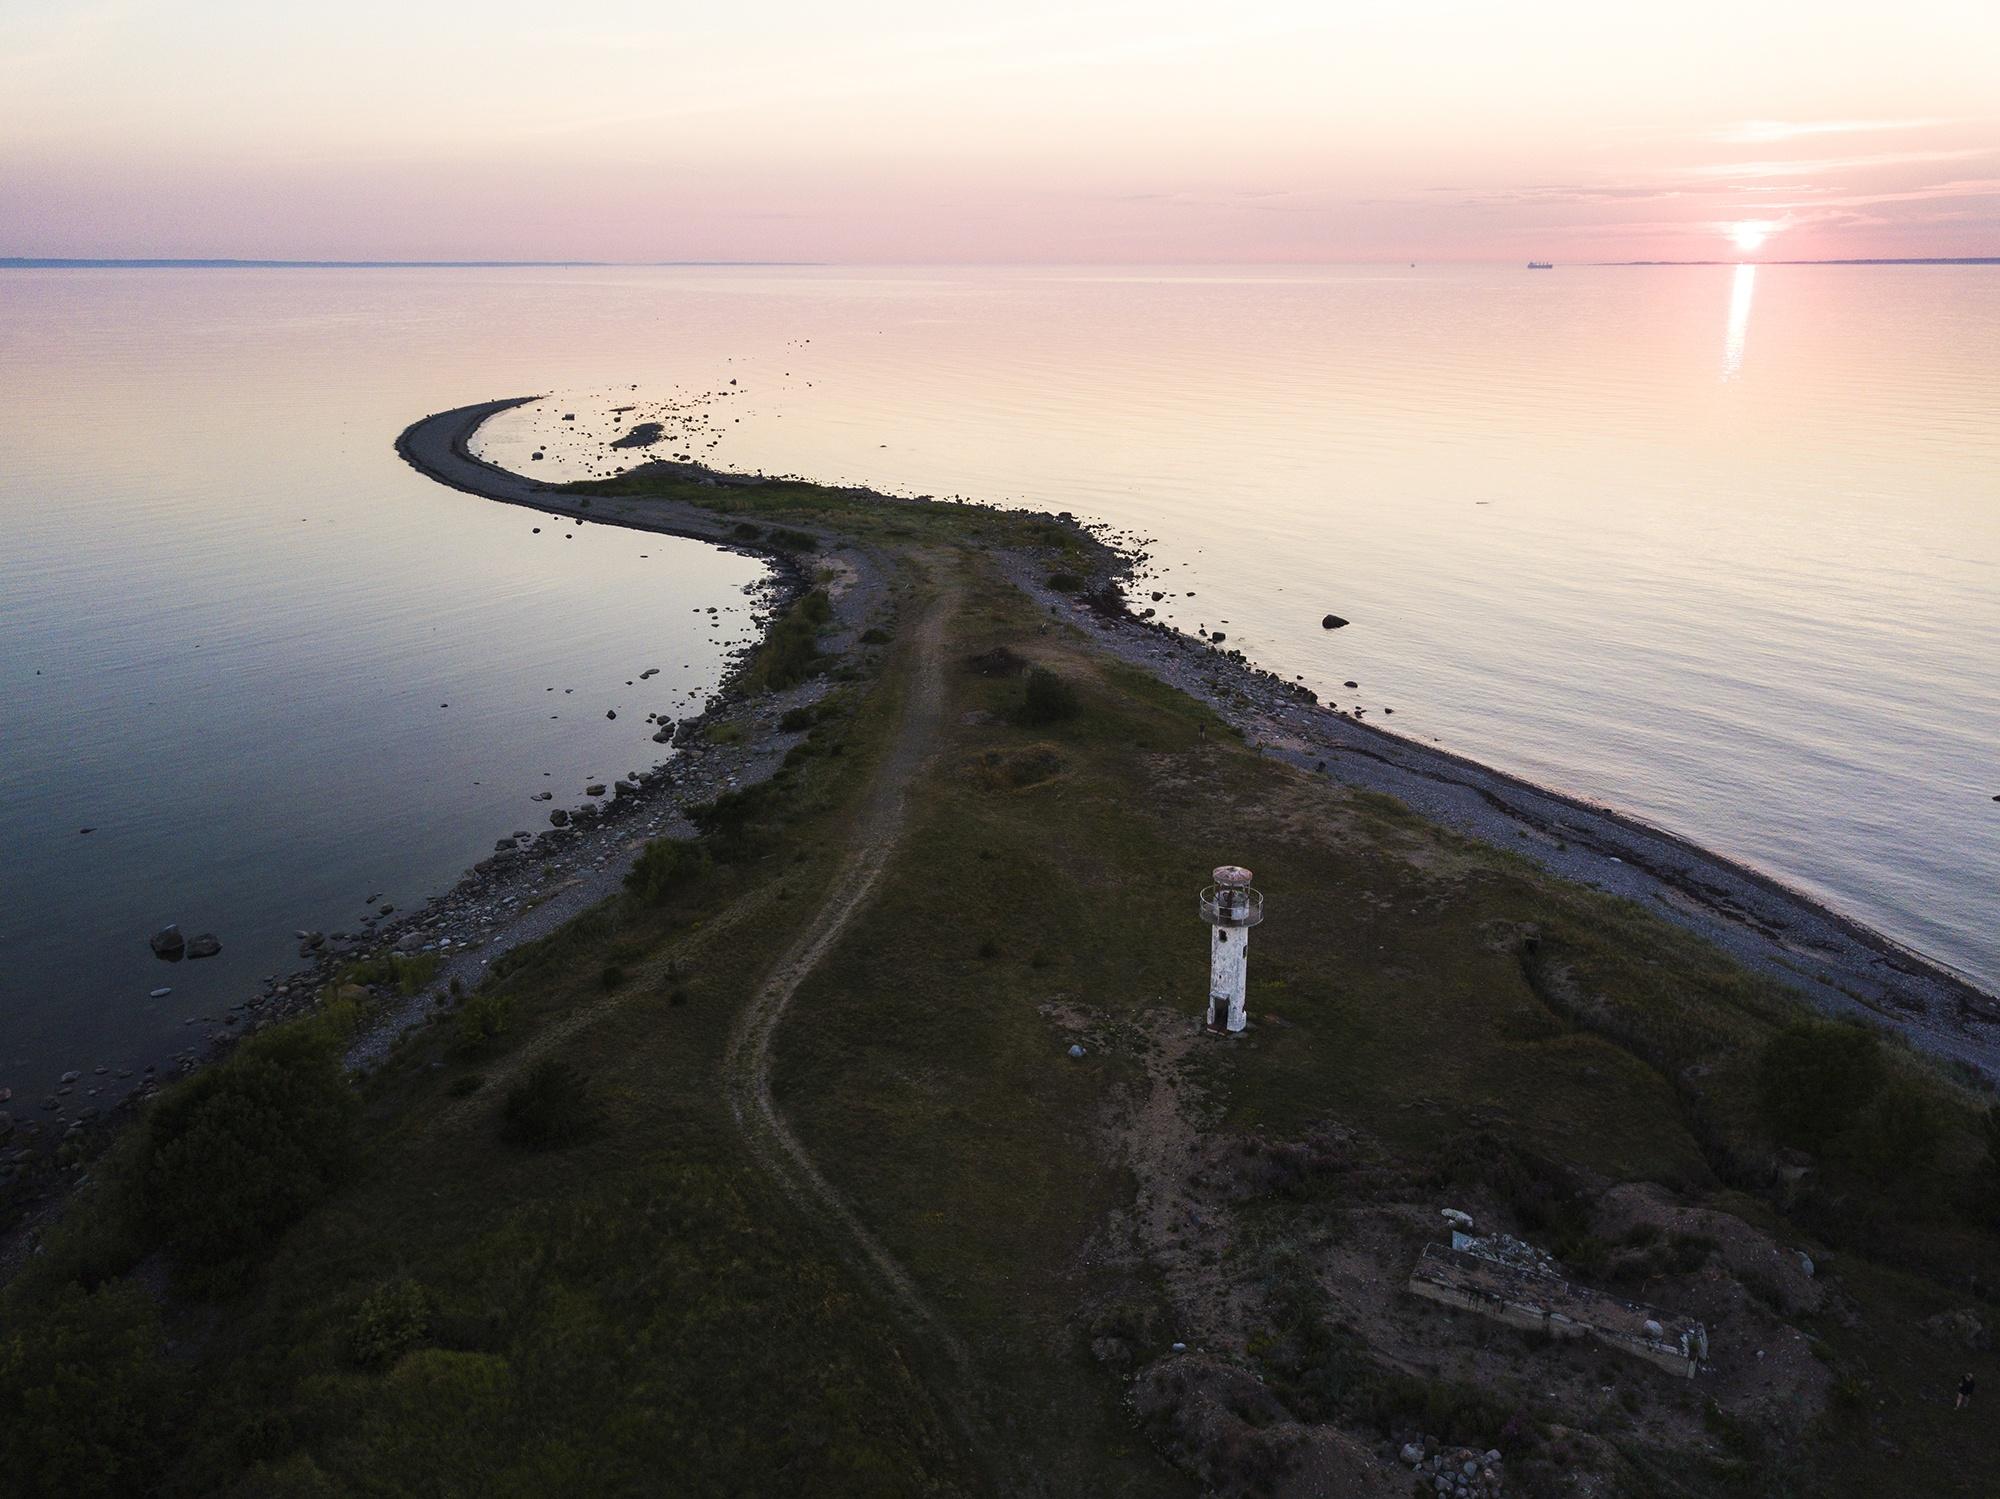 Sunset in Neeme, Estonia